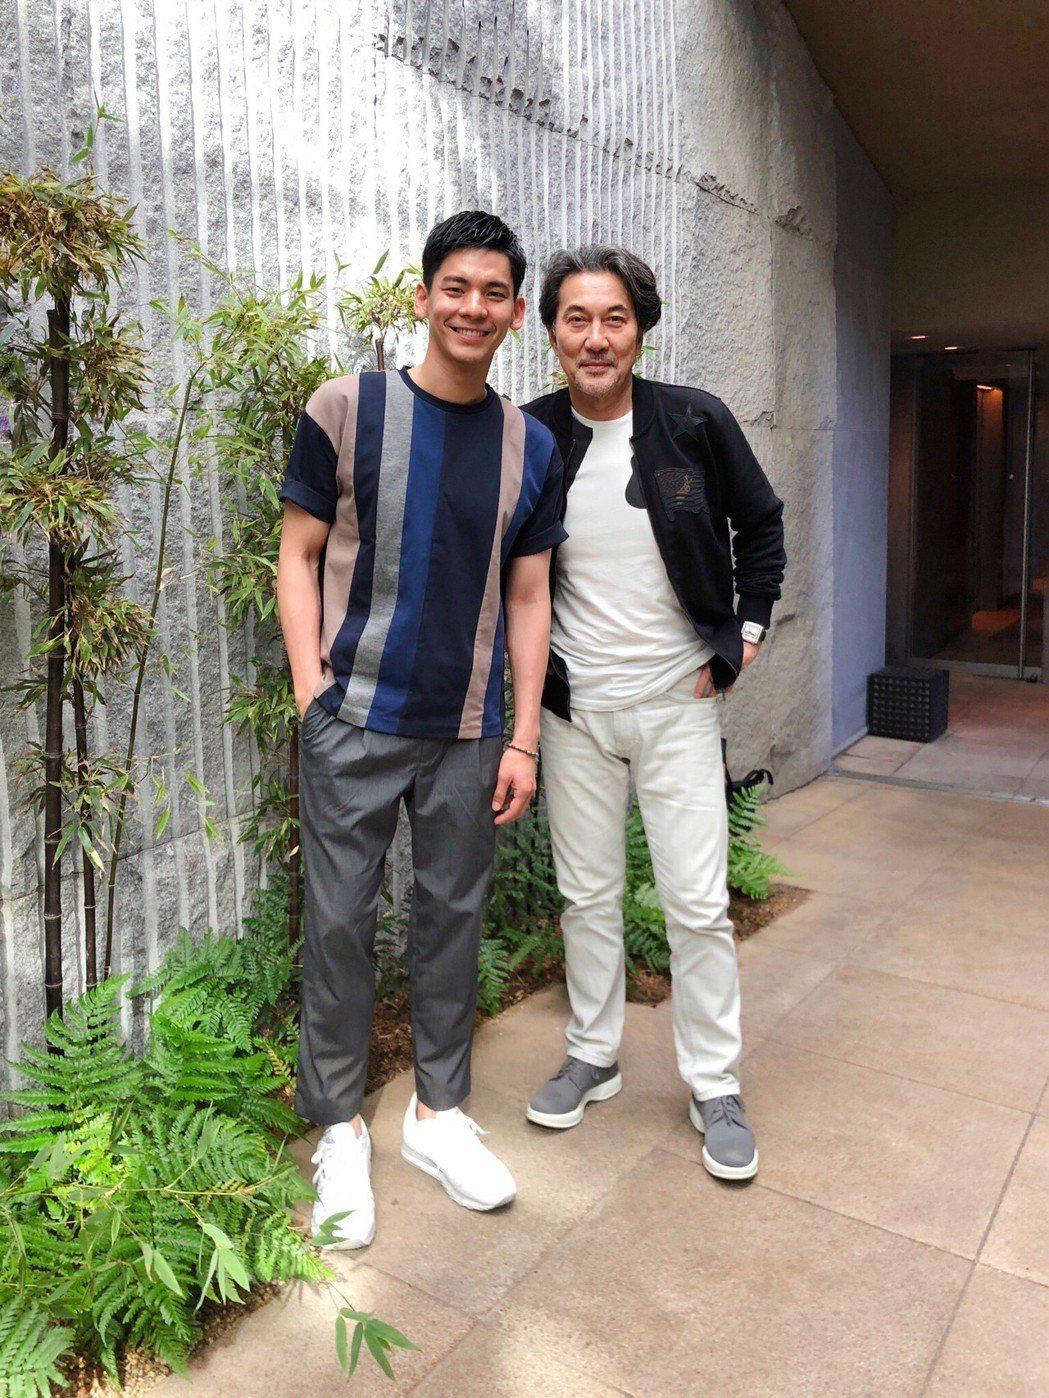 林柏宏(左)到日本旅遊,役所廣司還特地撥空碰面吃飯。圖/周子娛樂提供